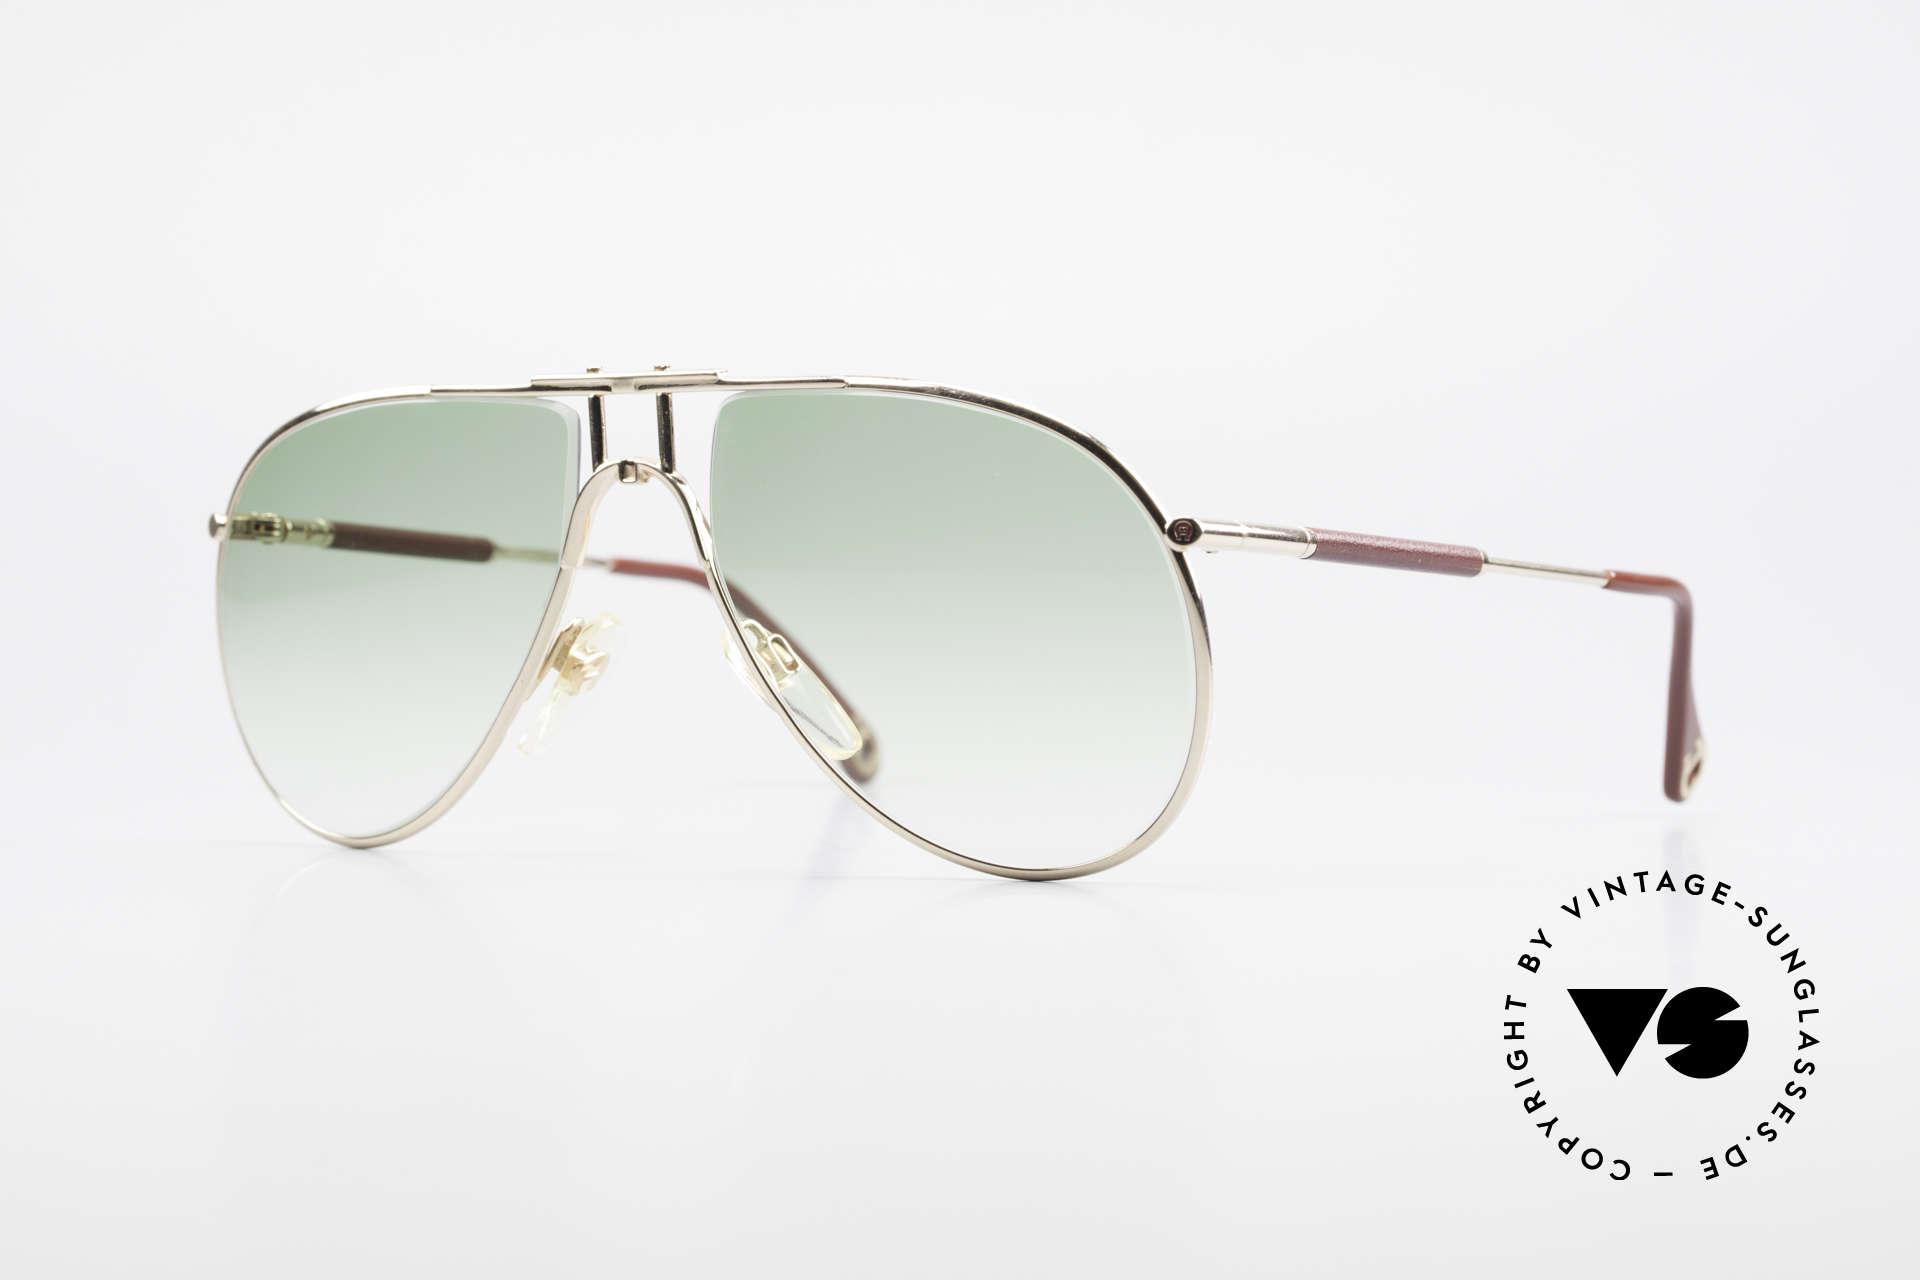 Aigner EA3 Rare 80's Vintage Sunglasses, Etienne Aigner VINTAGE designer sunglasses of the 80's, Made for Men